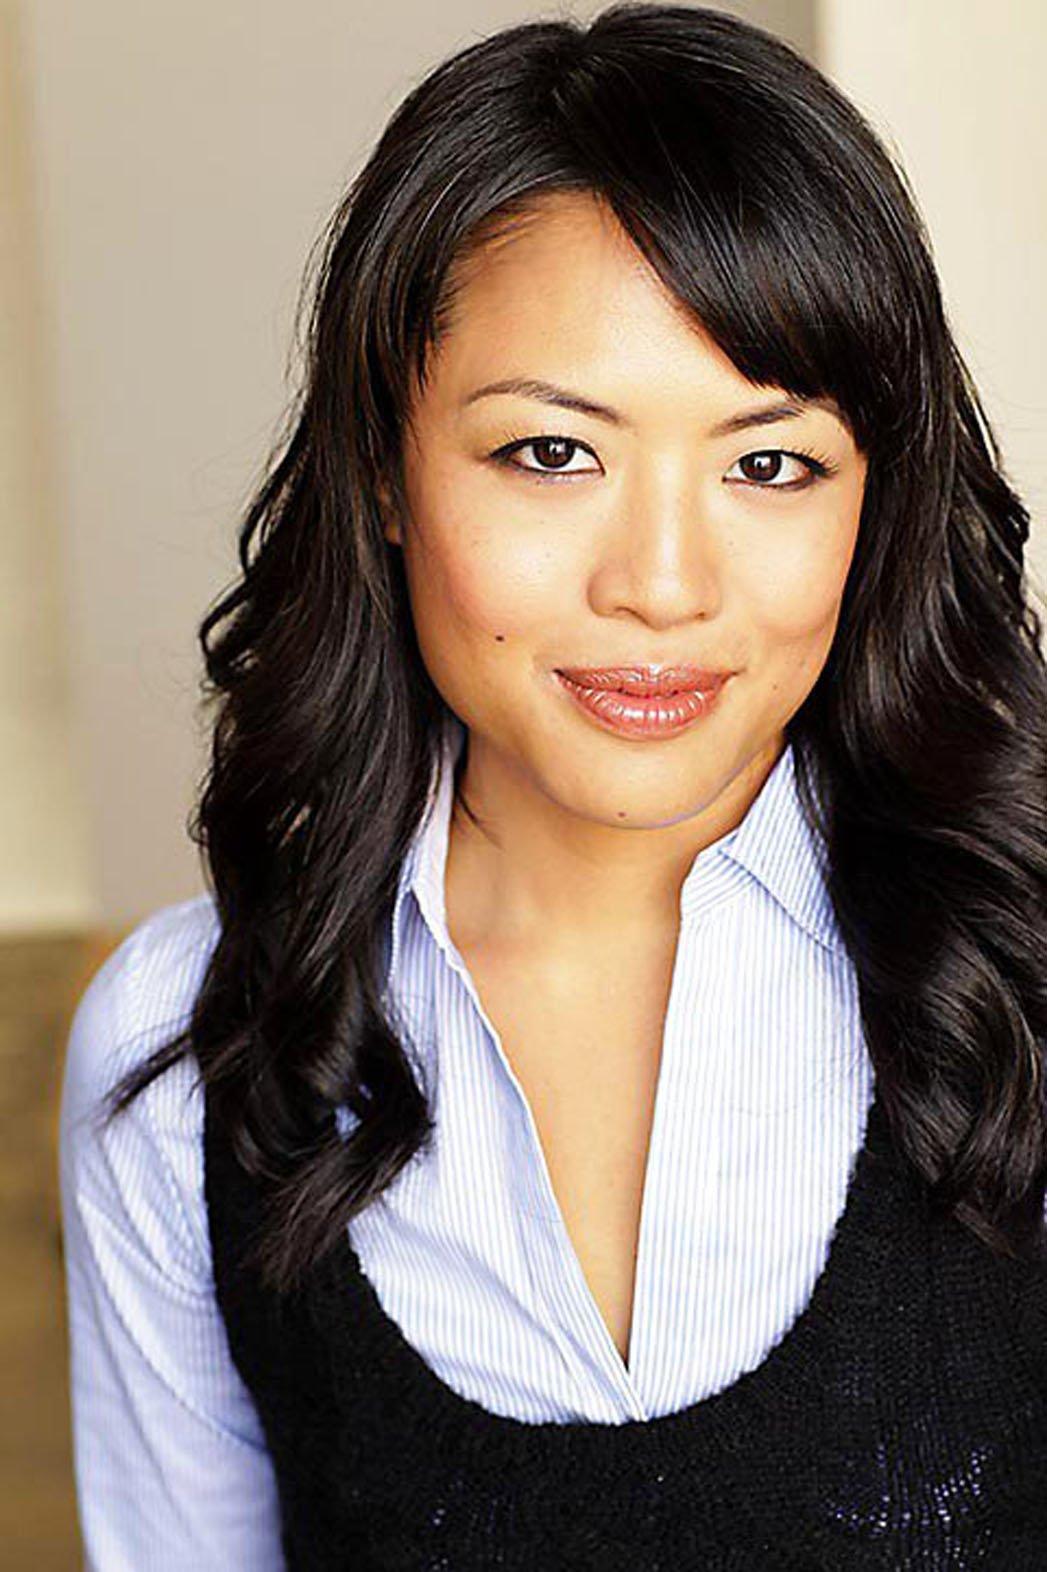 Emily Chang (actress)